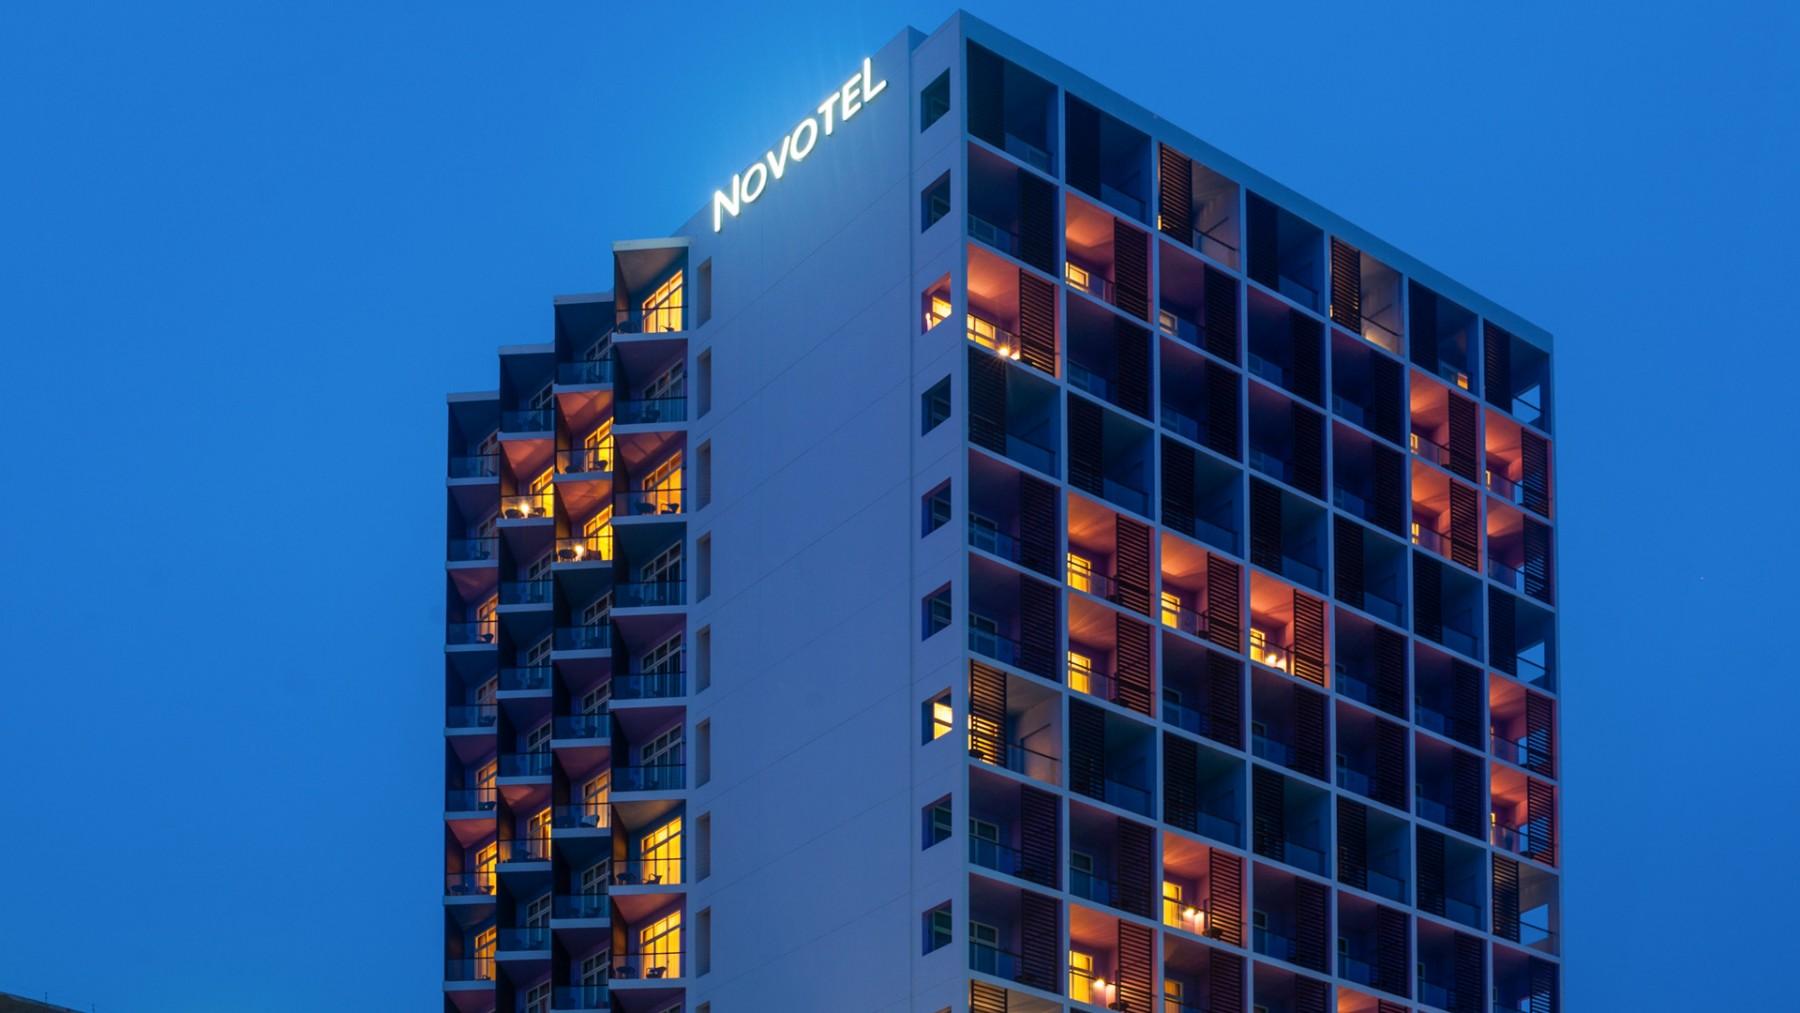 Фото отеля «Новотель»